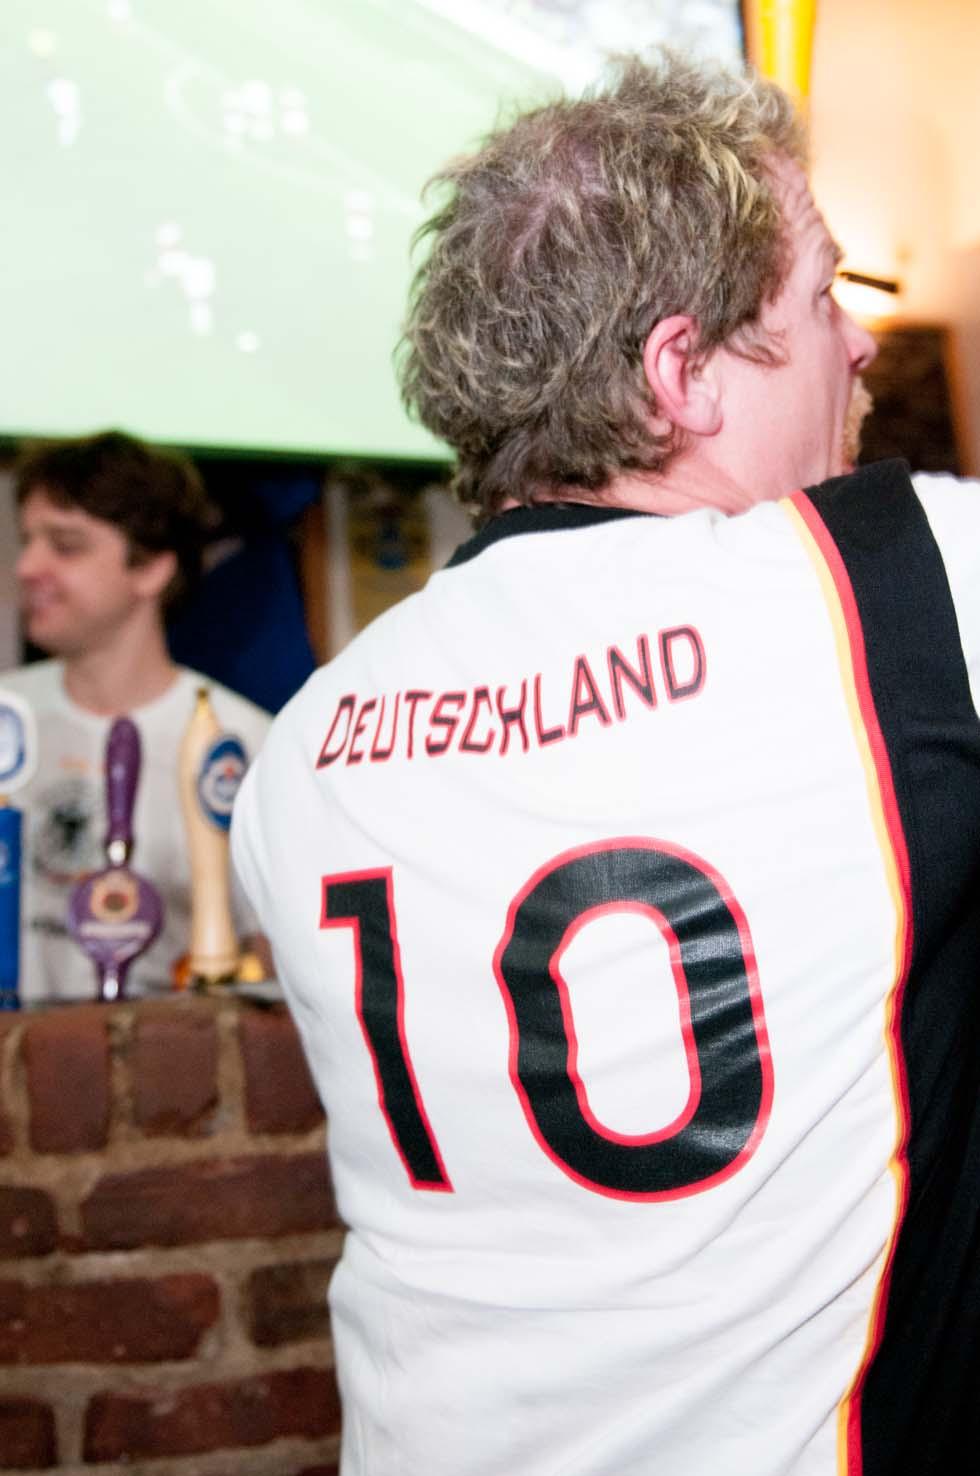 zum-schneider-nyc-2012-eurocup-germany-denmark-1269.jpg